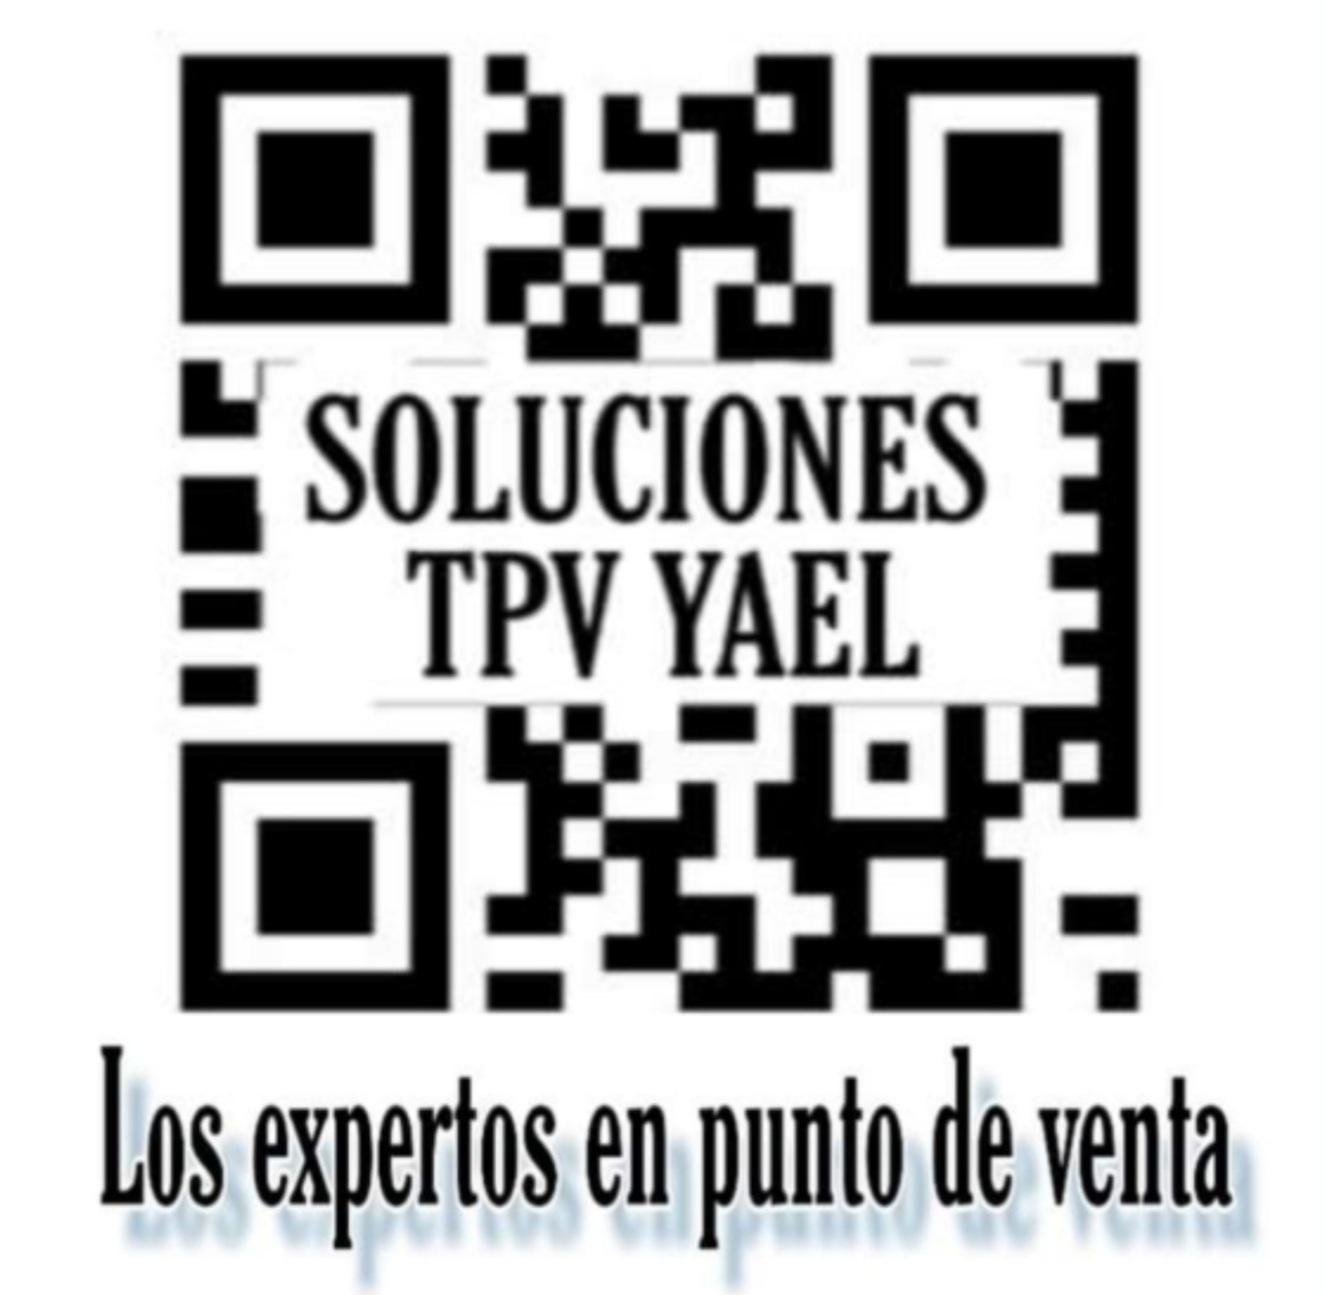 Soluciones TVP